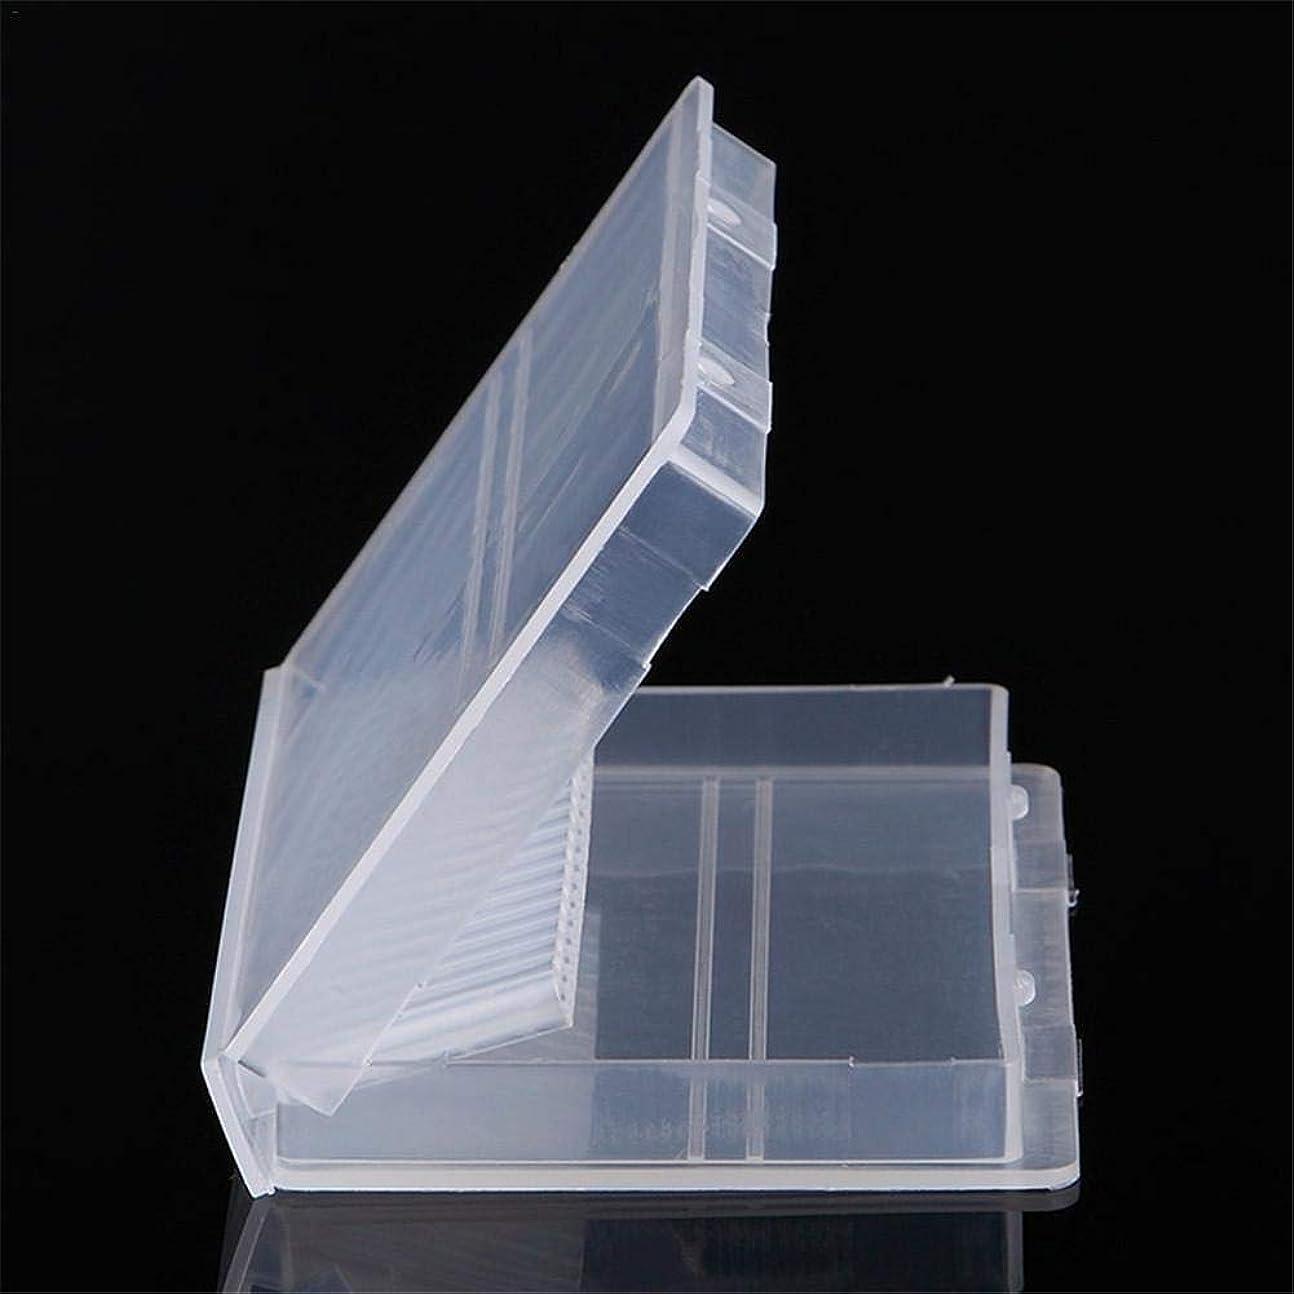 Ruier-tong ネイルドリル 収納ケース ネイルビッドセット 研削ネイル用 透明 プラスチック 20穴 ネイル研削ヘッド収納ボックス